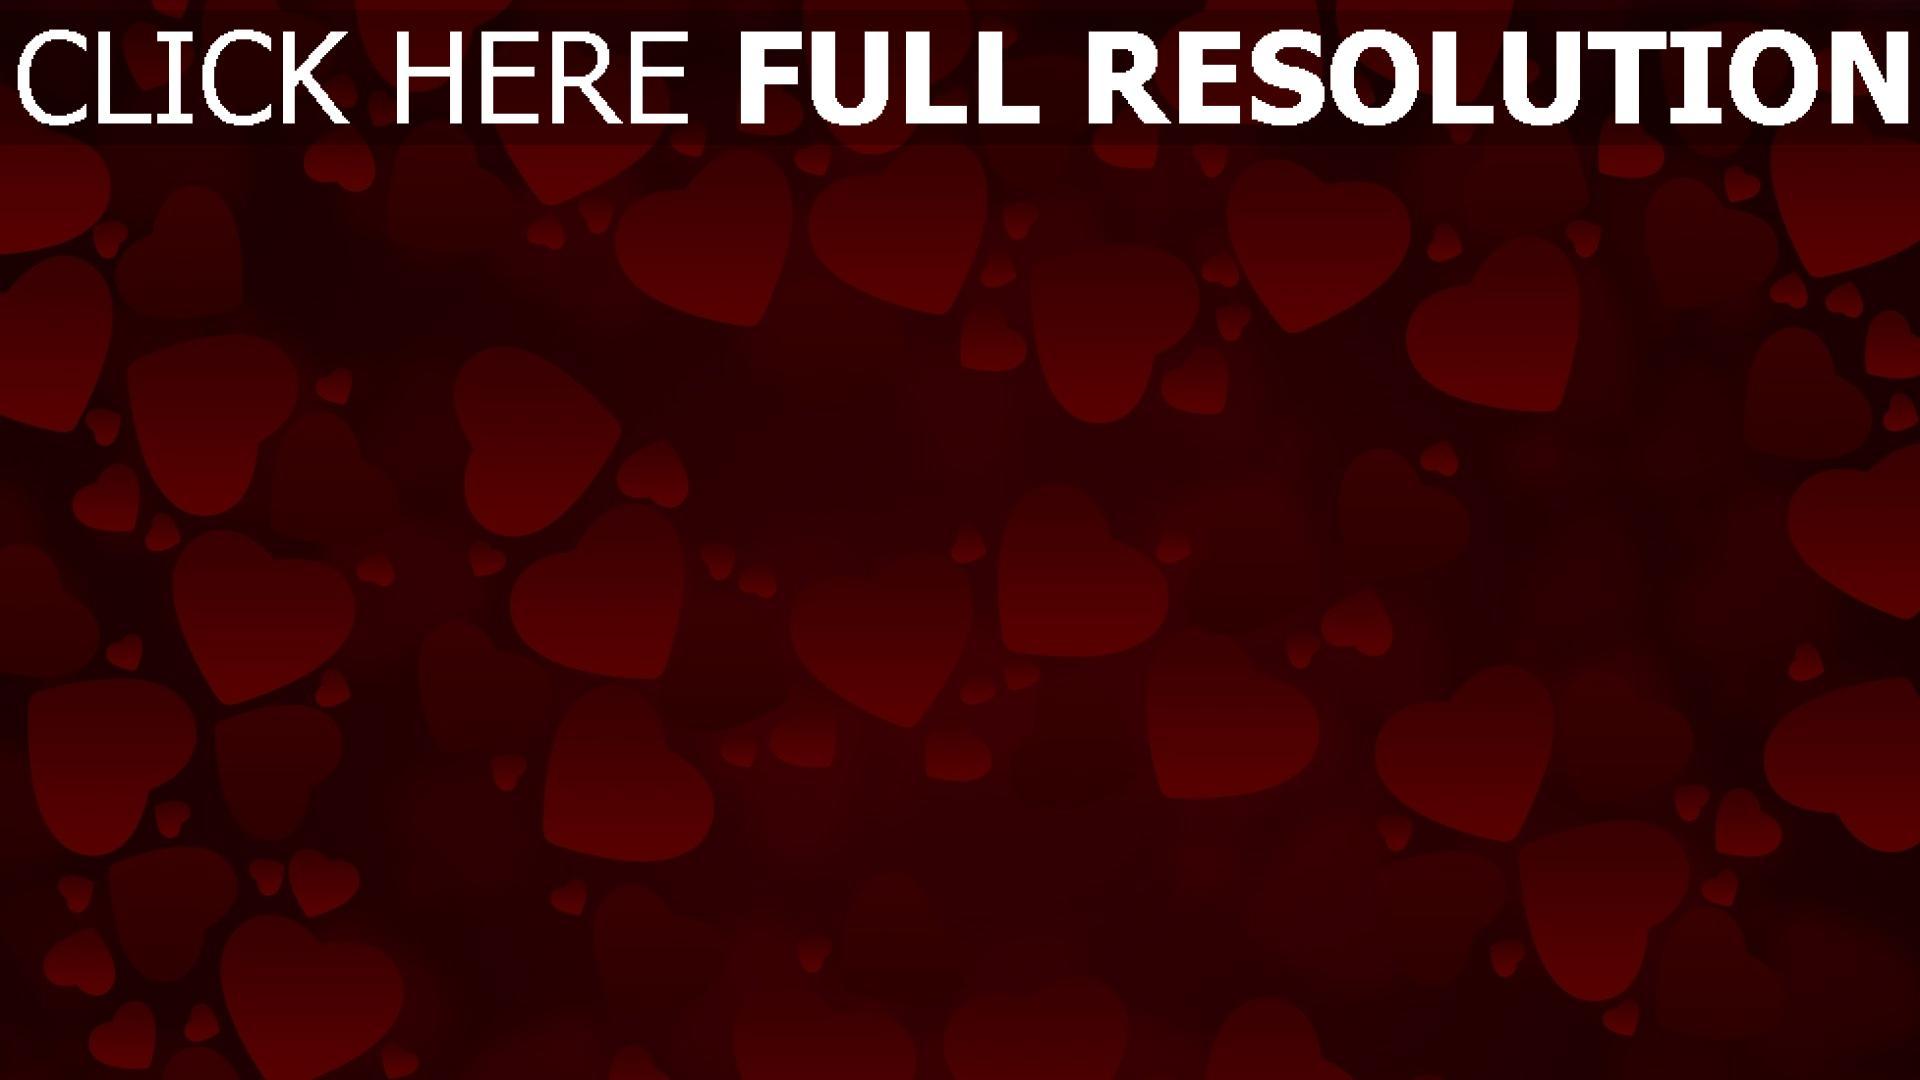 hd hintergrundbilder valentinstag herzen rot valentine 1920x1080